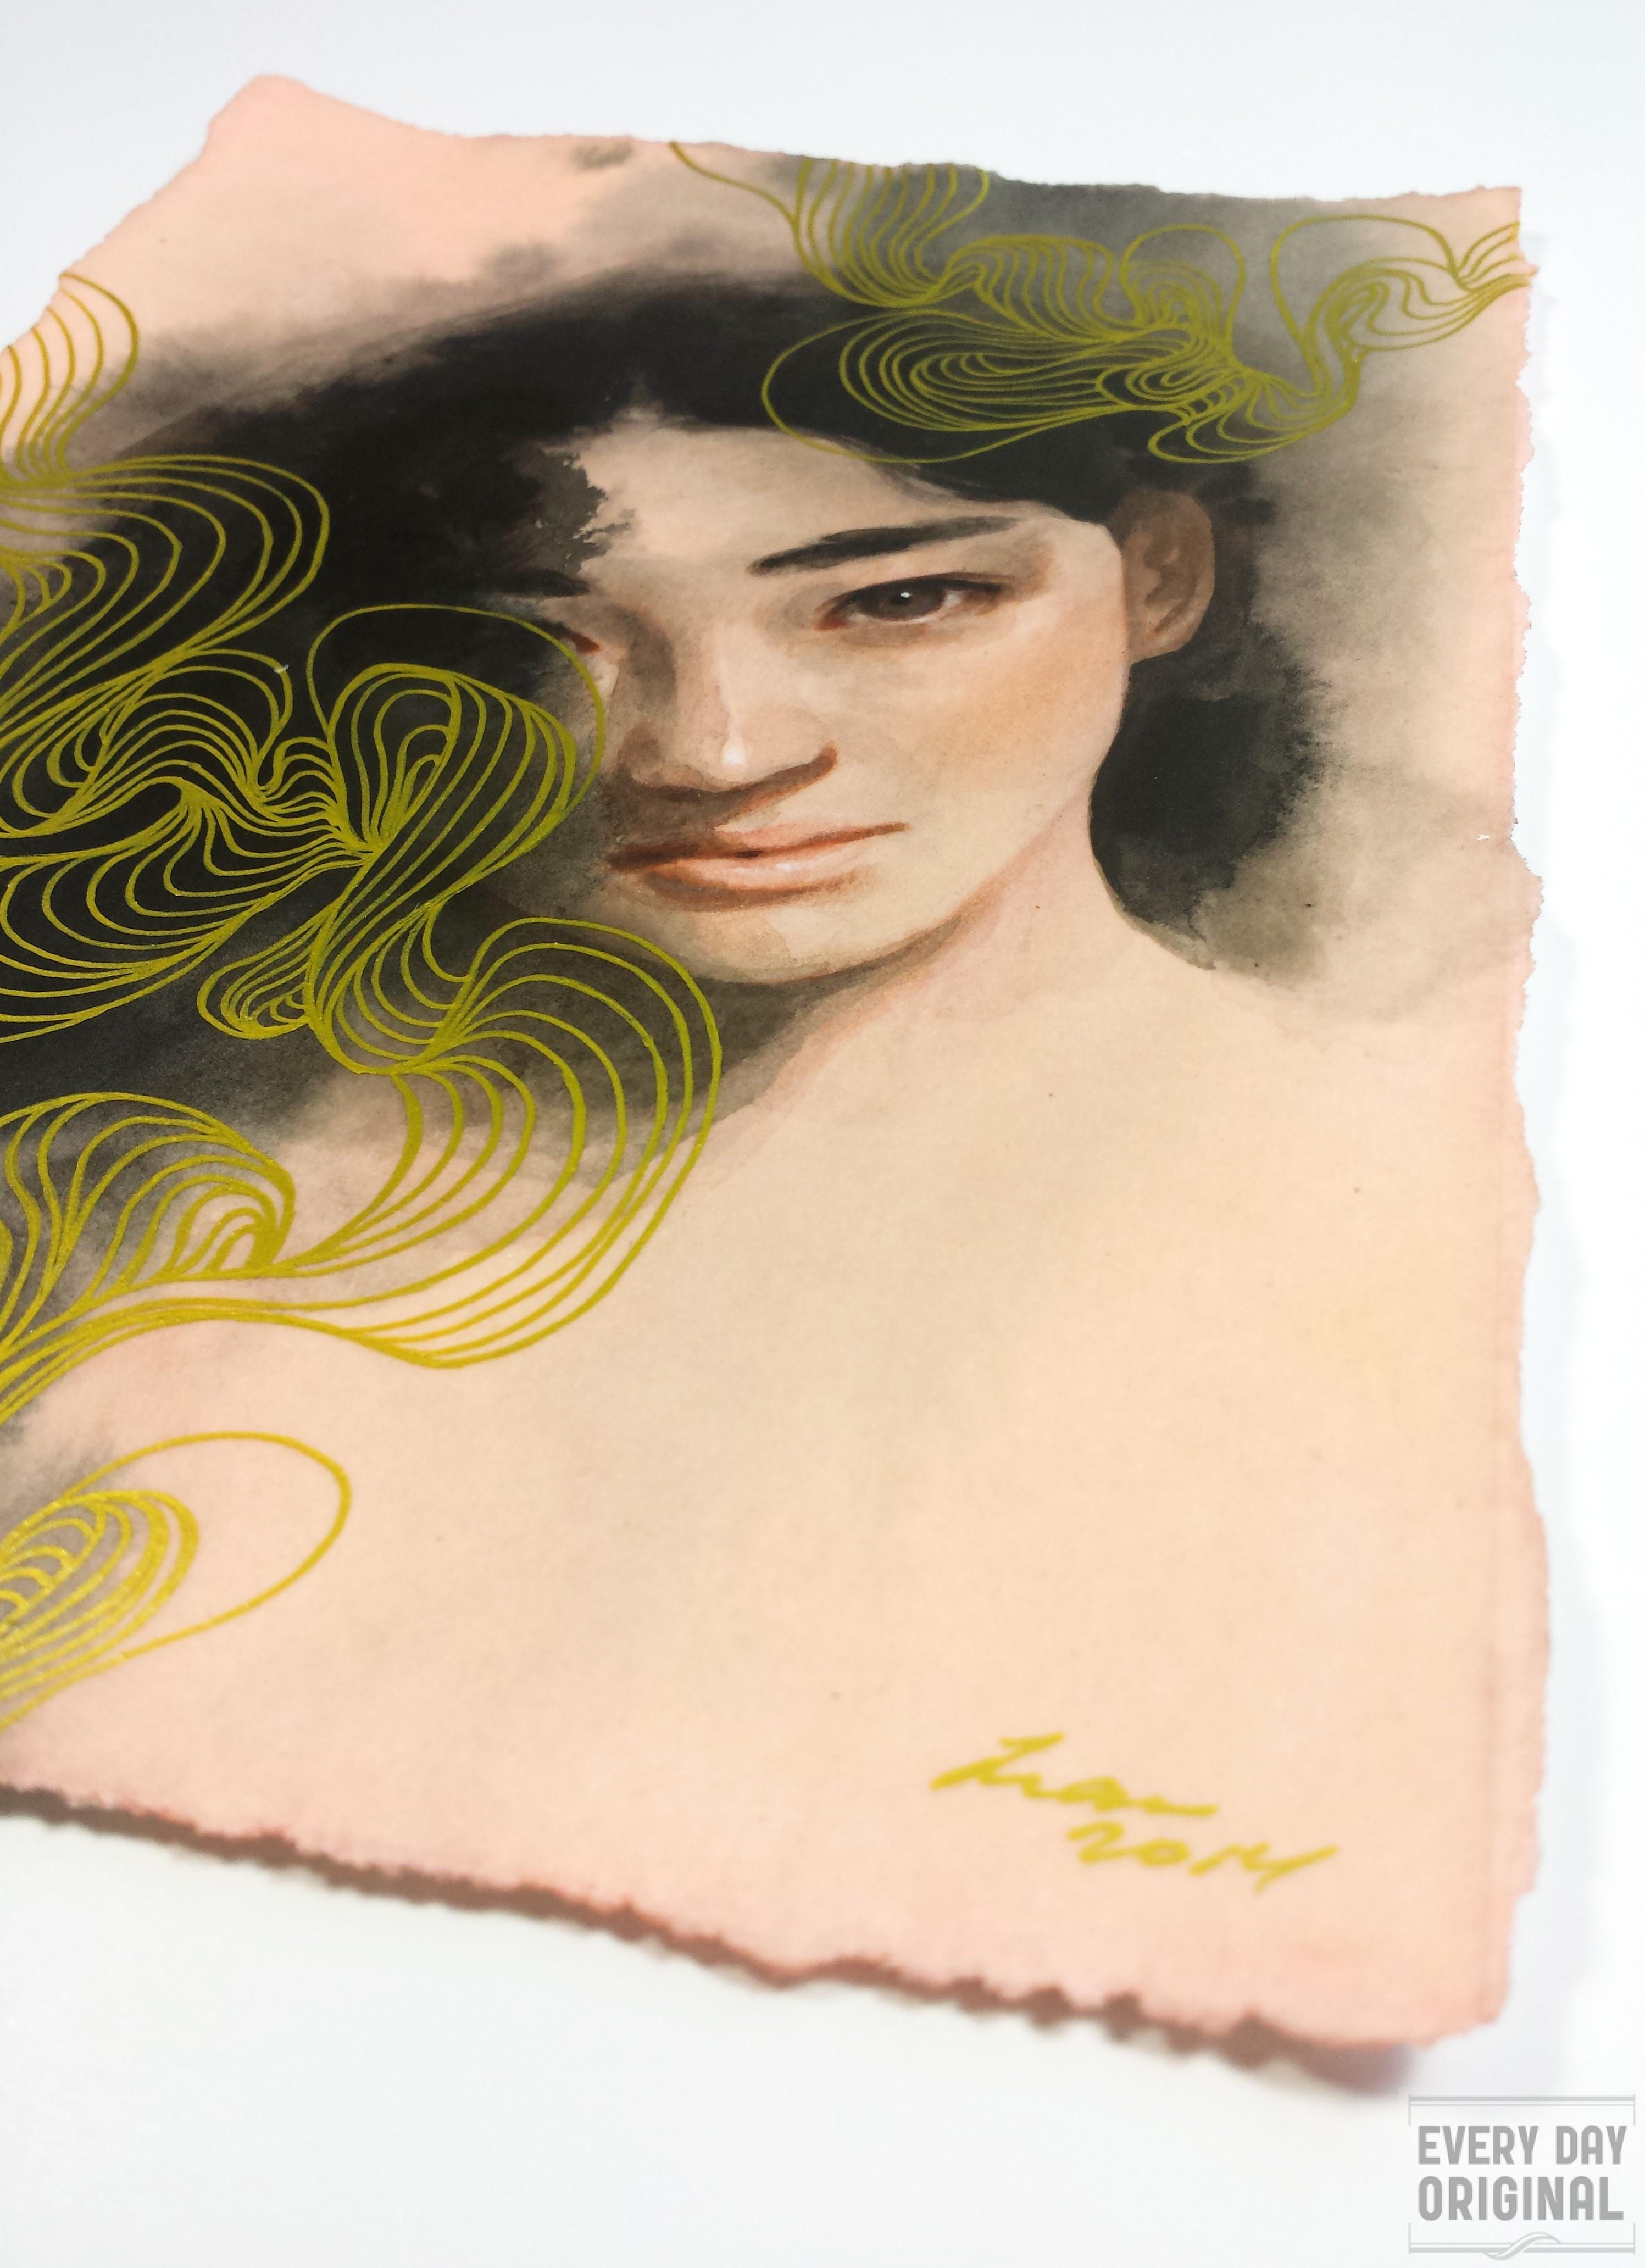 Study 17 by Tran Nguyen